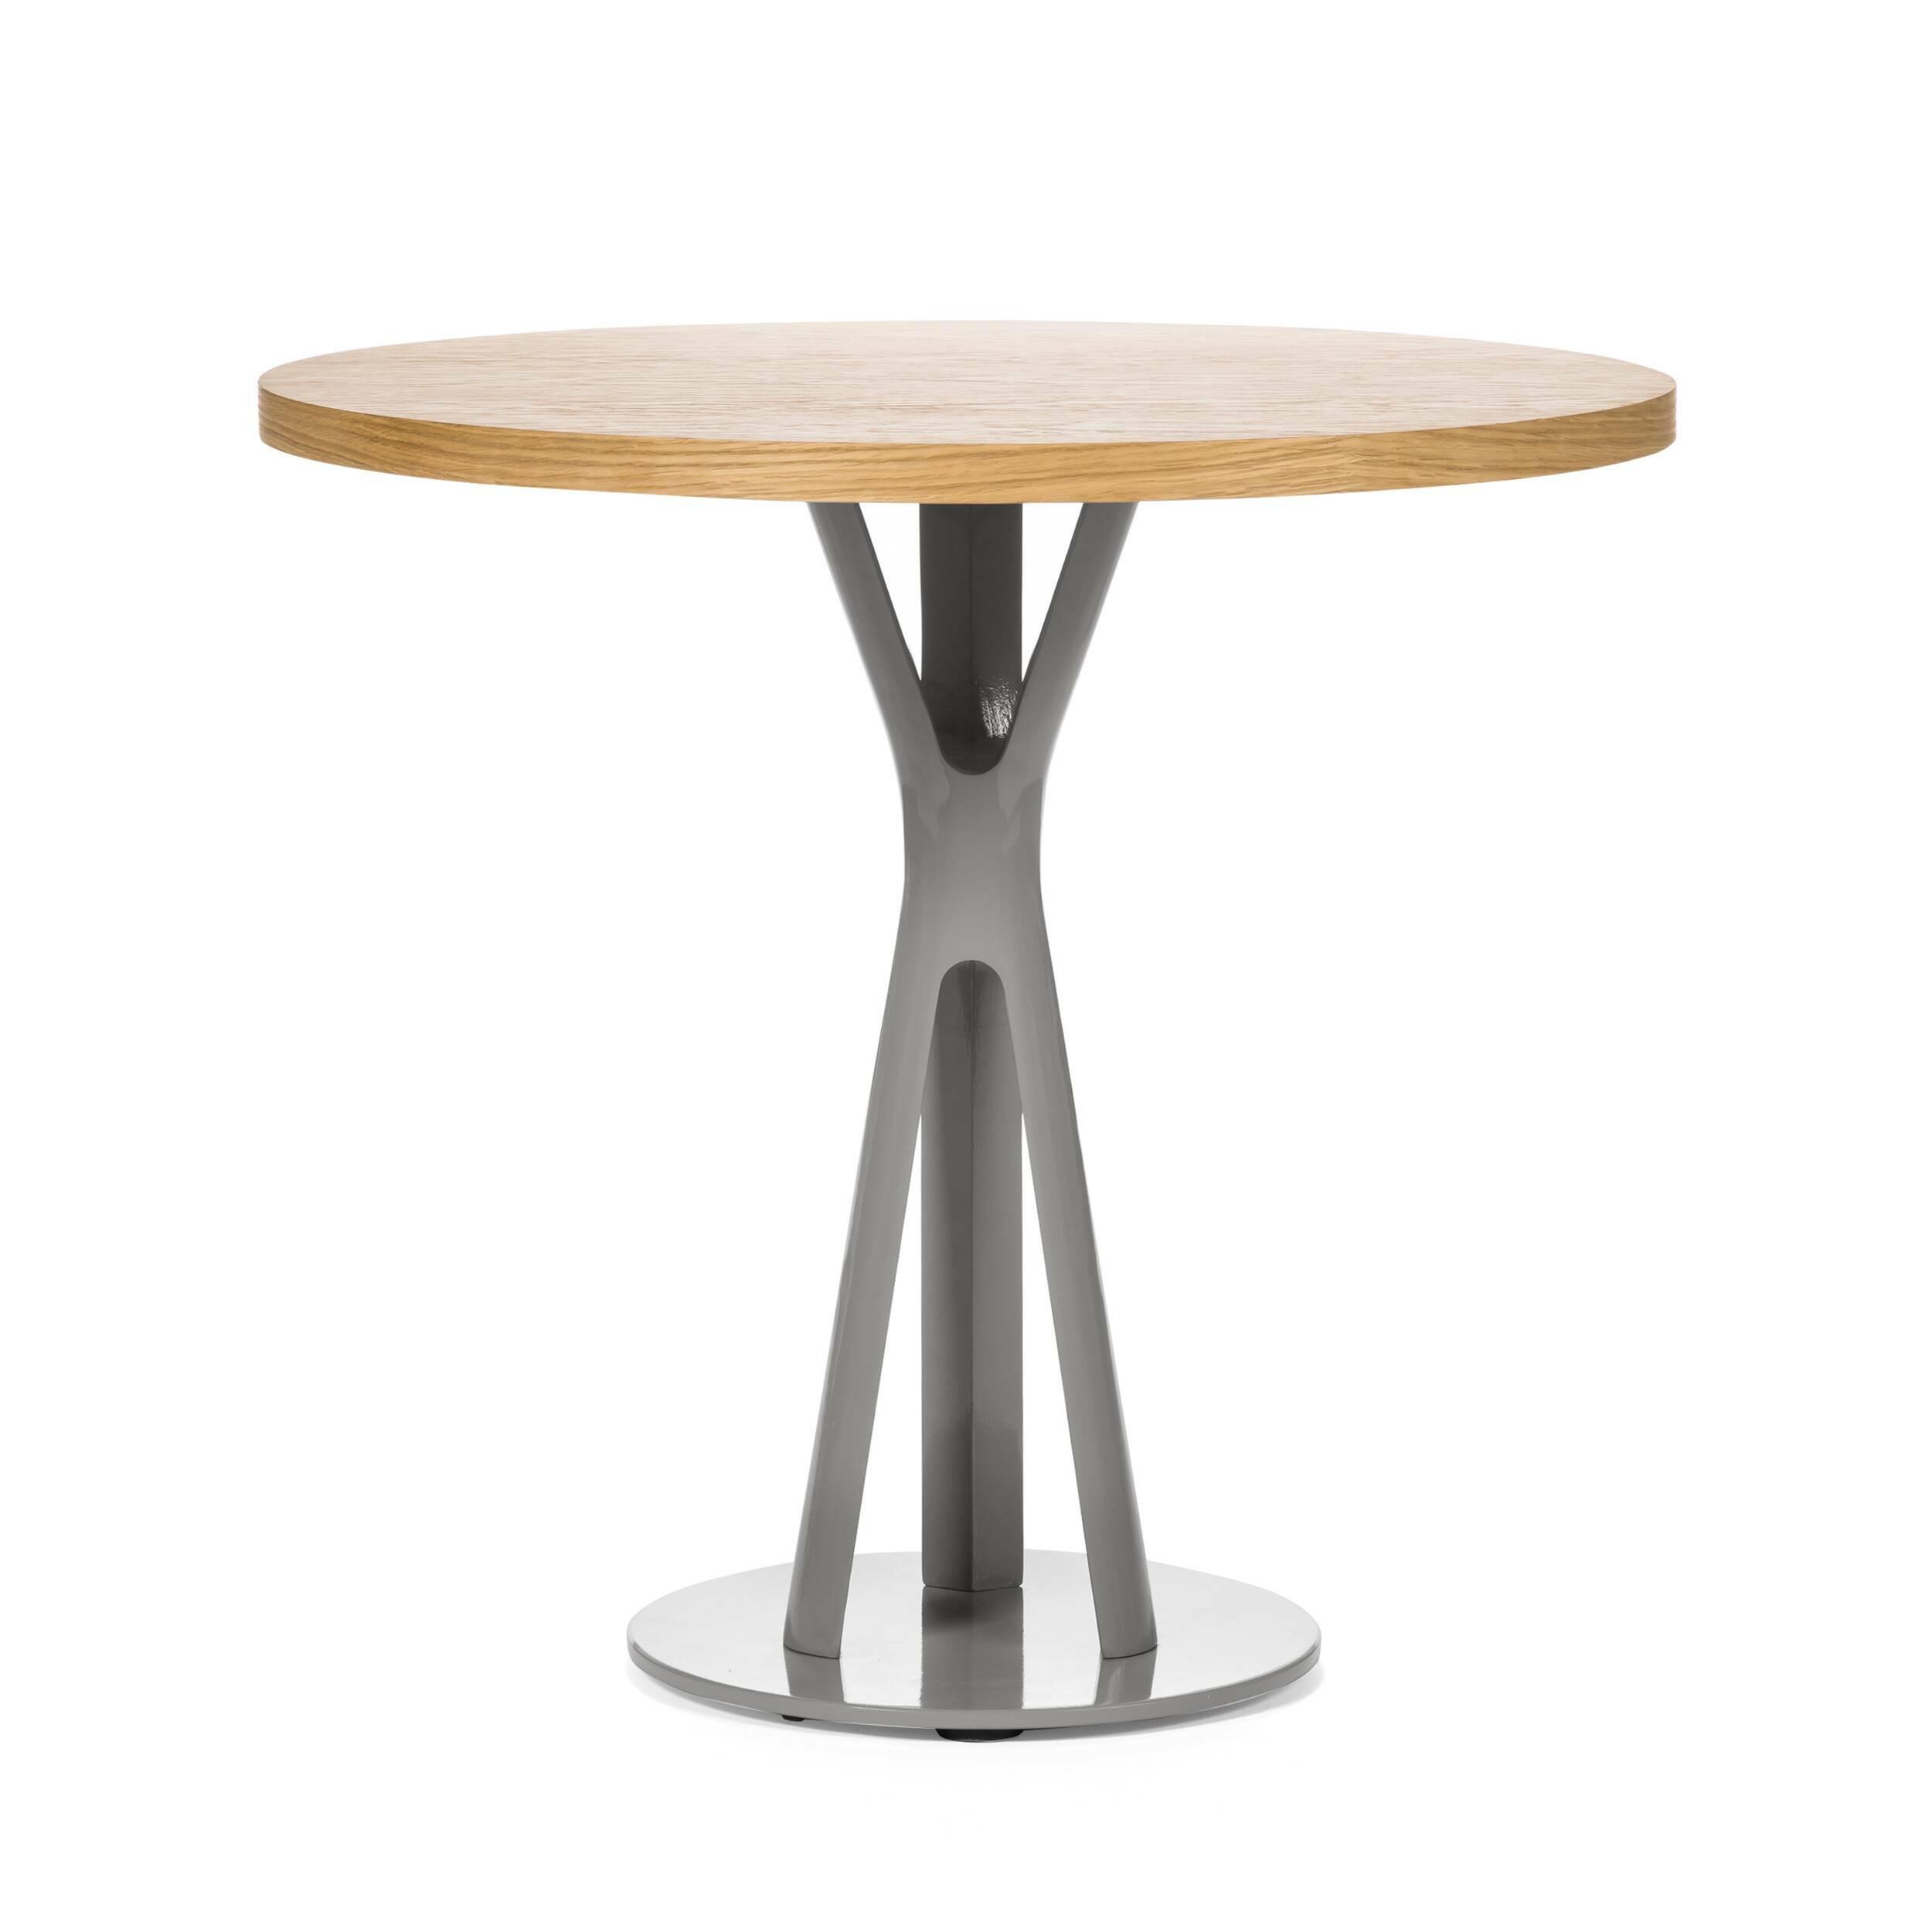 Обеденный стол Split круглыйОбеденные<br>Дизайнерская круглый узкий обеденный стол Split из массива ореха на необычных металлических ножках от Cosmo (Космо).<br>         Обеденный стол играет первую скрипку в столовой, ведь он — центр притяжения всего дома. Он может быть круглым или прямоугольным, раздвижным или миниатюрным, оригинальным или простым, но без него не обойтись. Сегодня на ваш выбор представлены сотни моделей, главное — понять, сколько человек будут регулярно за ним усаживаться и каким целям он будет служить.<br><br><br>       ...<br><br>stock: 0<br>Высота: 75<br>Диаметр: 80<br>Цвет ножек: Светло-серый<br>Цвет столешницы: Светло-коричневый<br>Материал столешницы: Фанера, шпон дуба<br>Тип материала столешницы: Фанера<br>Тип материала ножек: Сталь